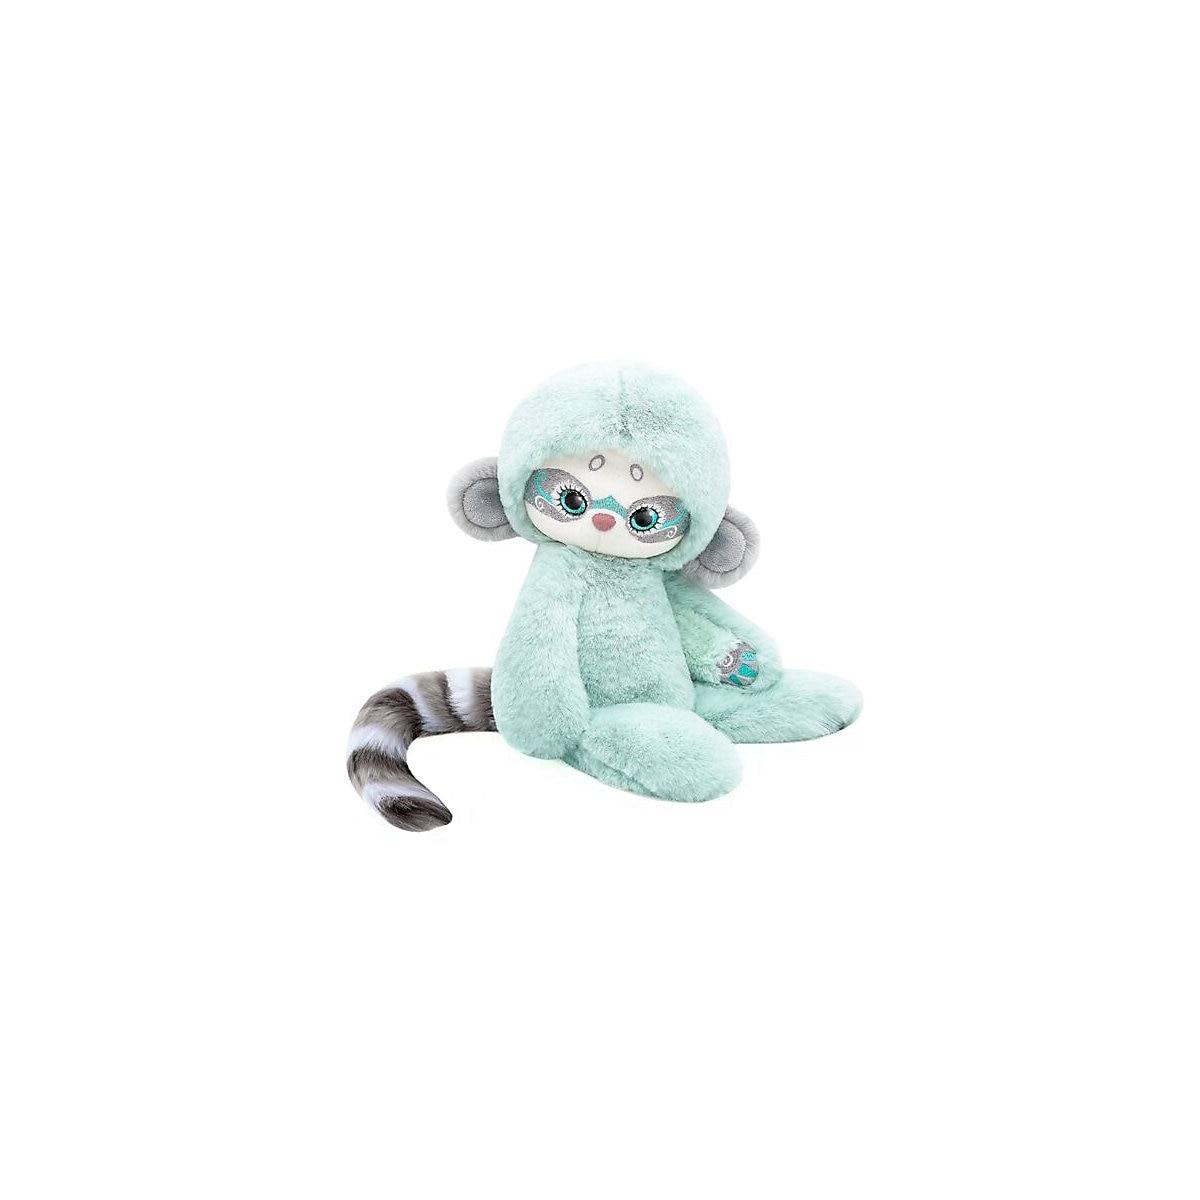 Animales de peluche y felpa 11371203 juguete para niños y niñas juguetes suaves para bebés